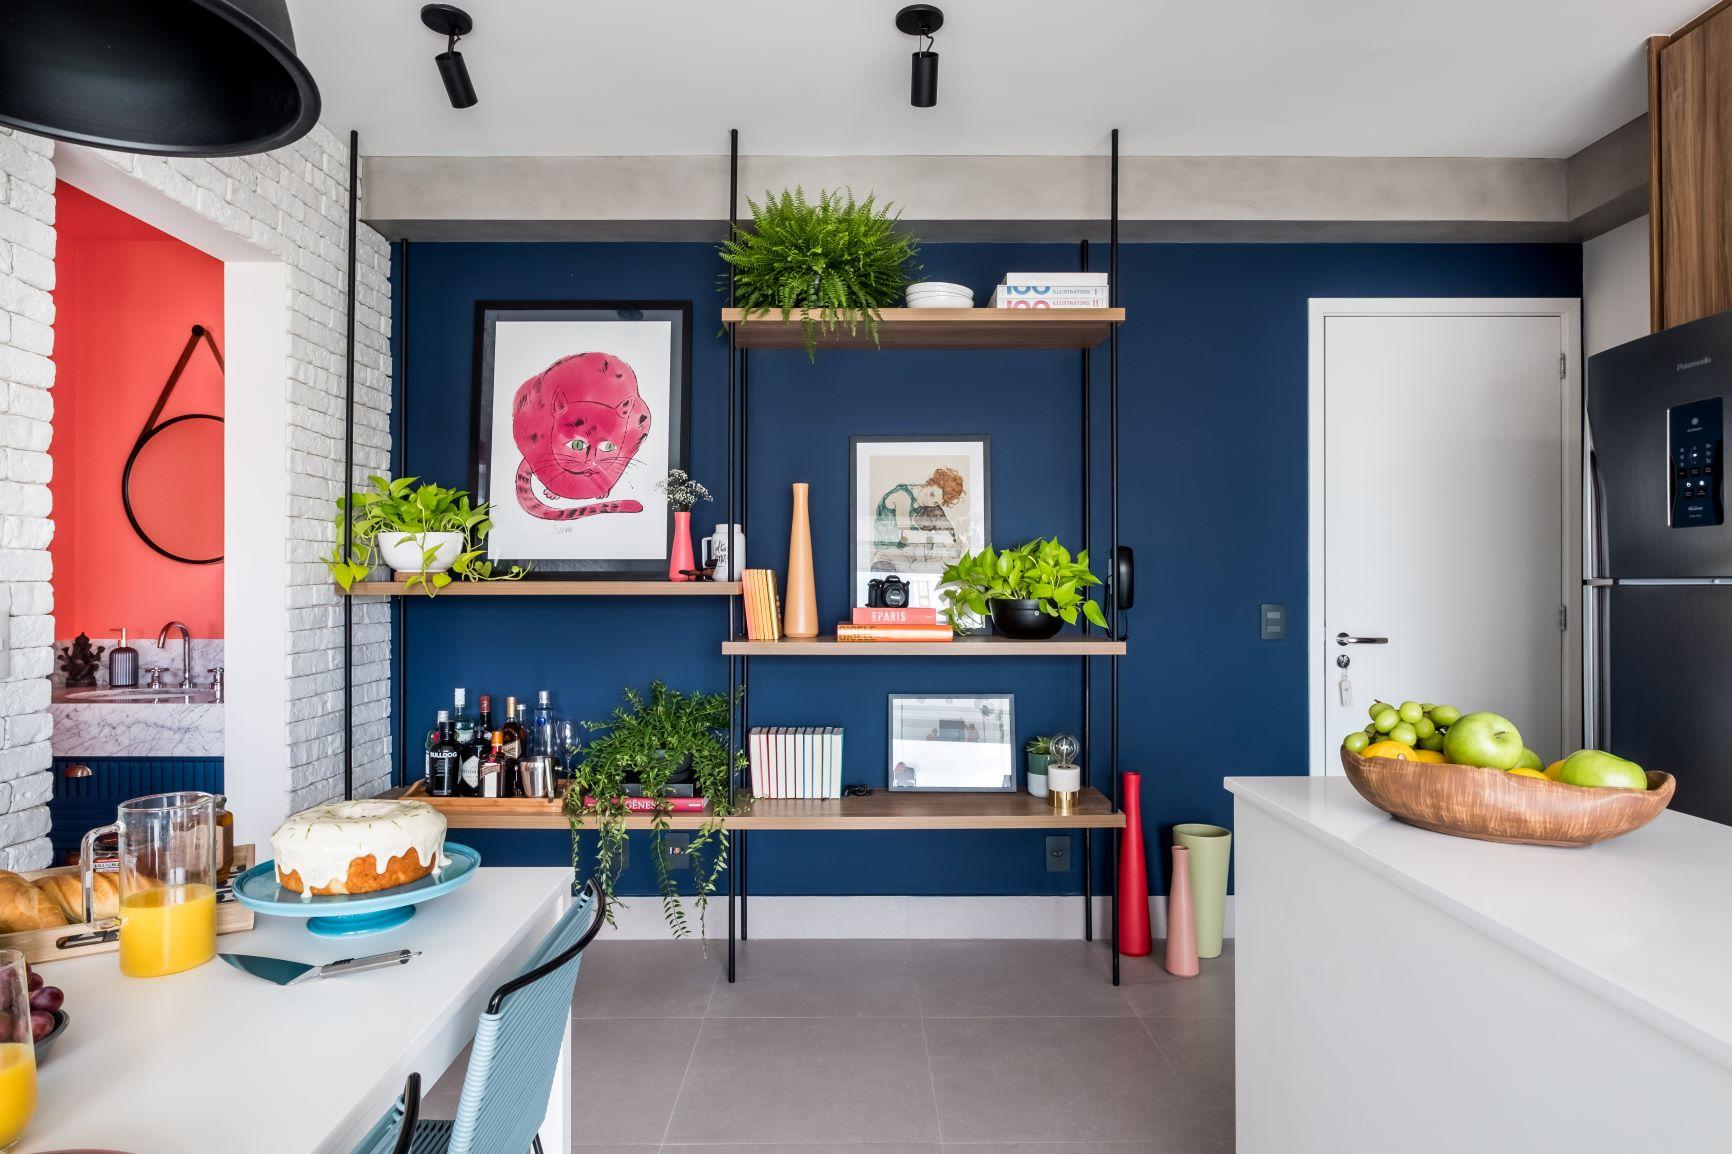 Apartamento com decoração moderna. Parede do fundo com pintura azul, prateleira com plantas e piso de porcelanato.